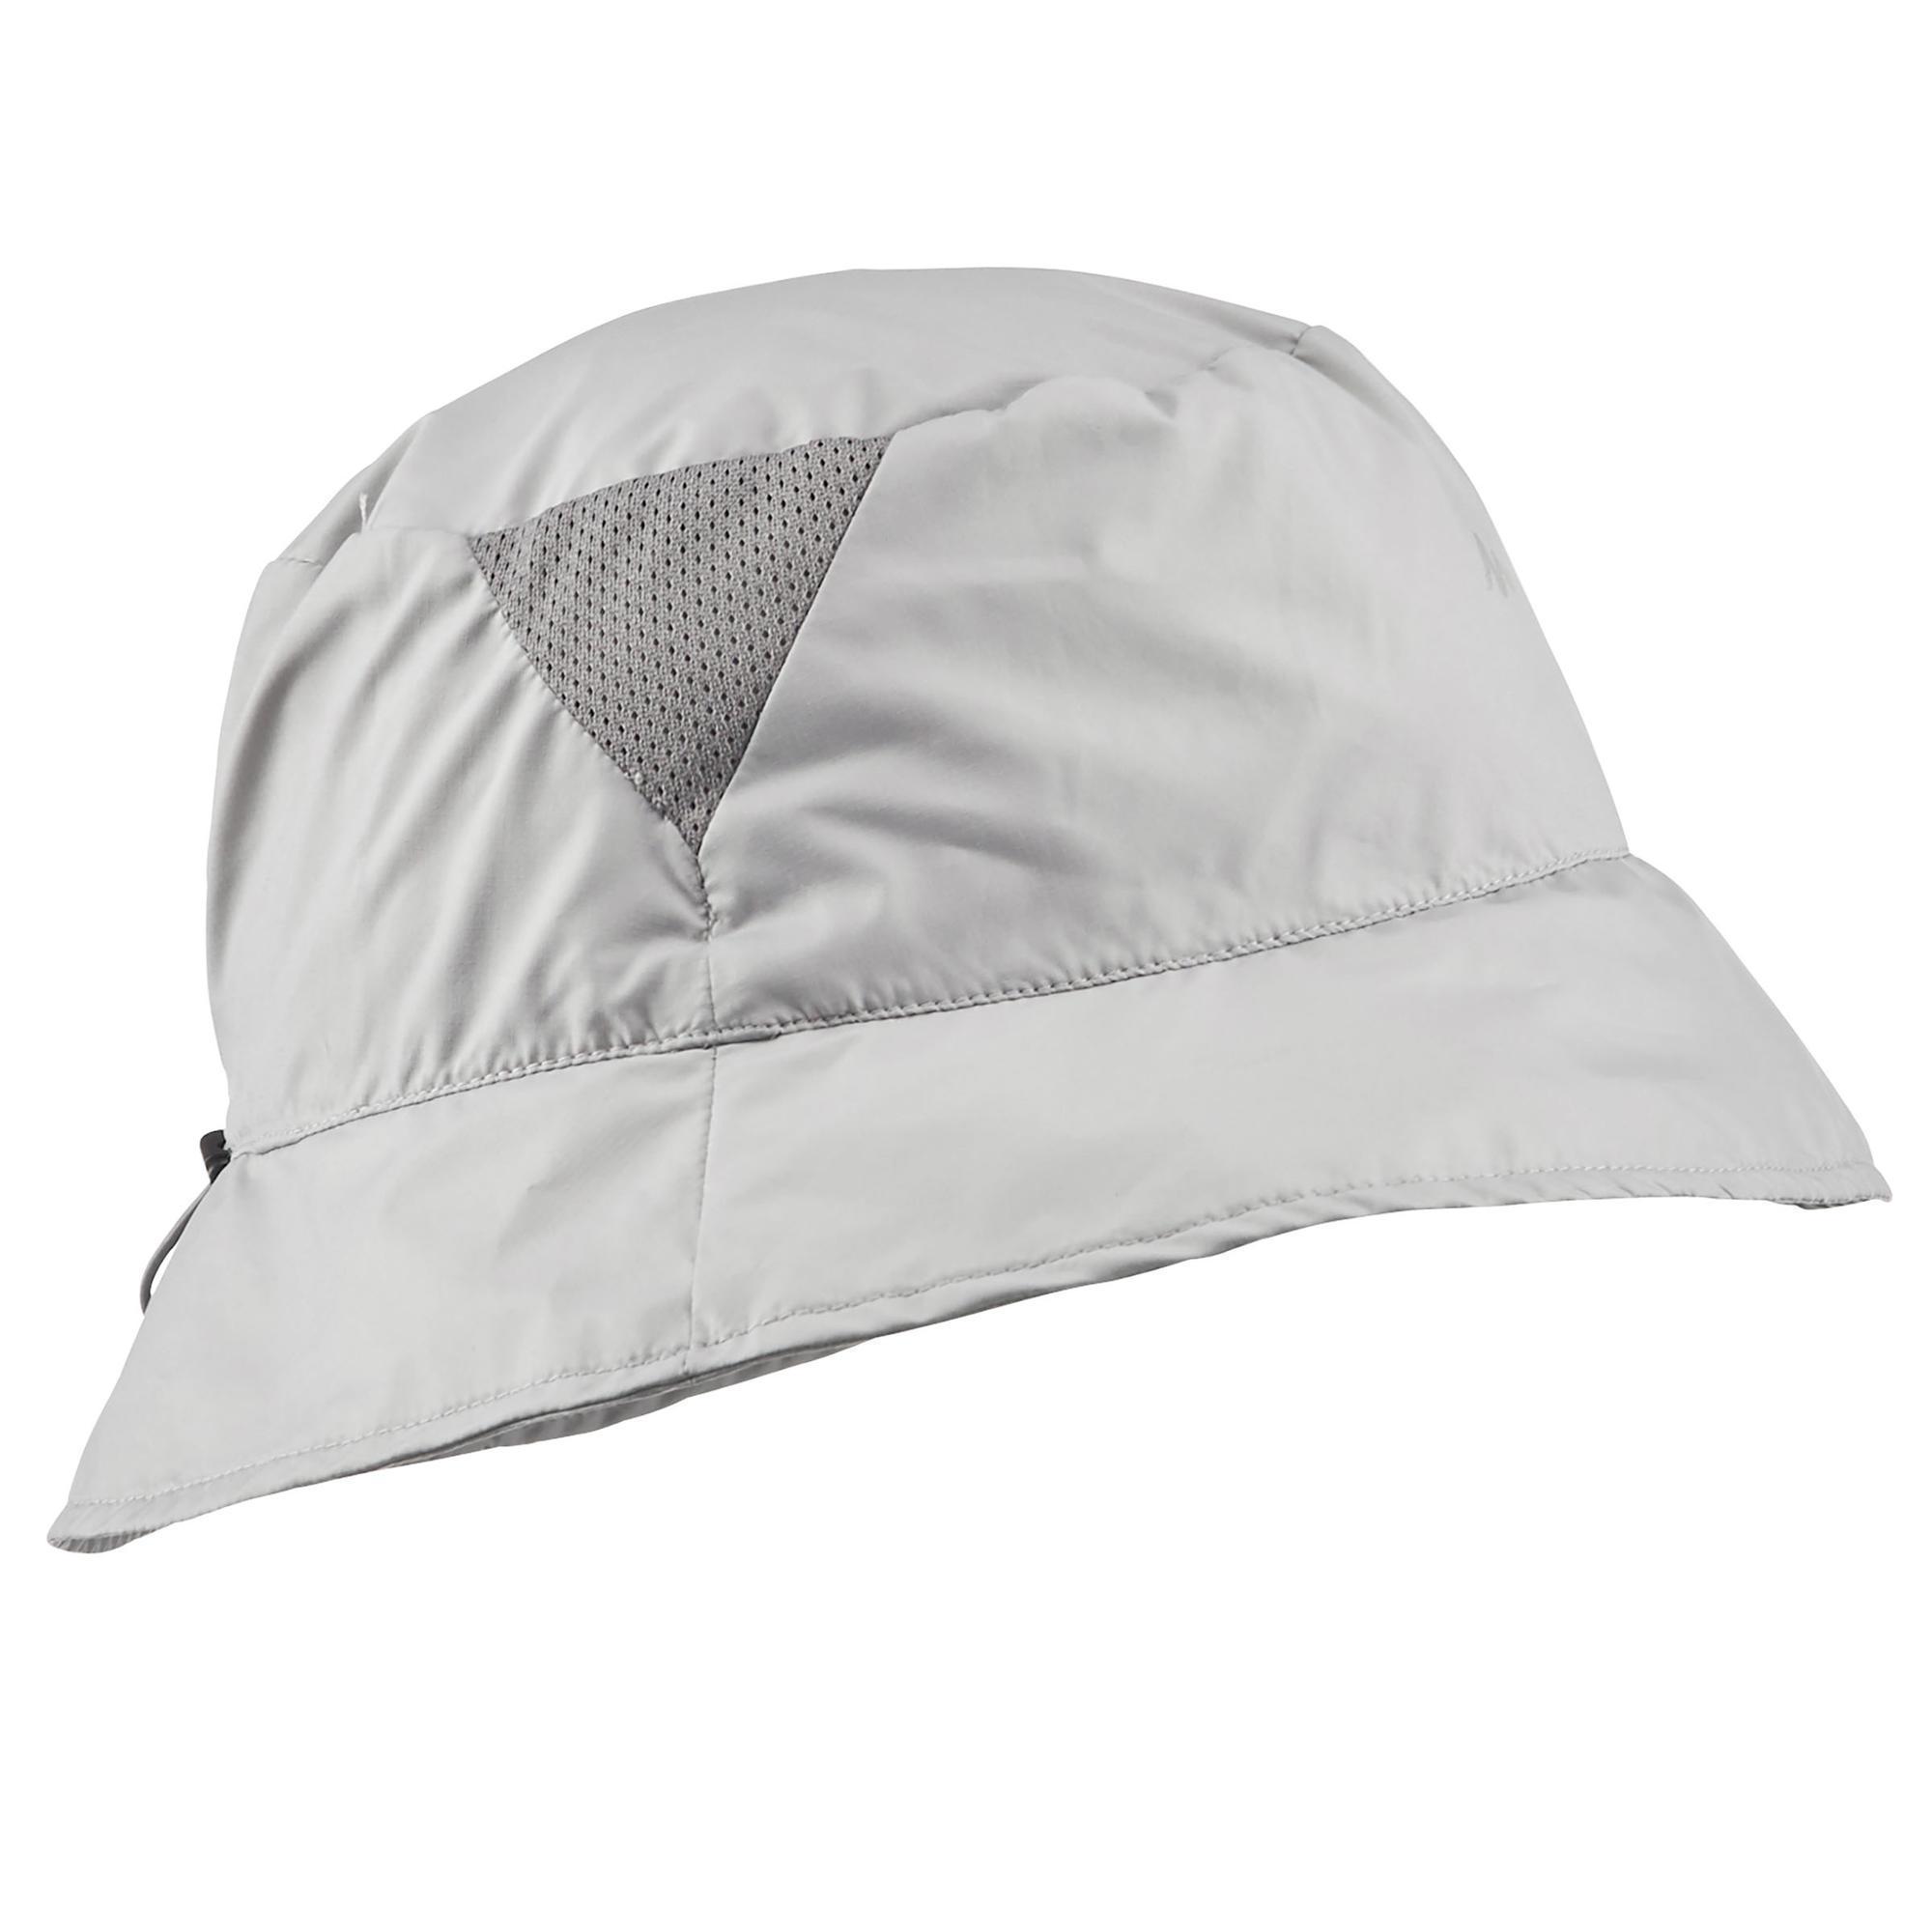 Comprar Sombreros para Deporte  47e4eced9a7